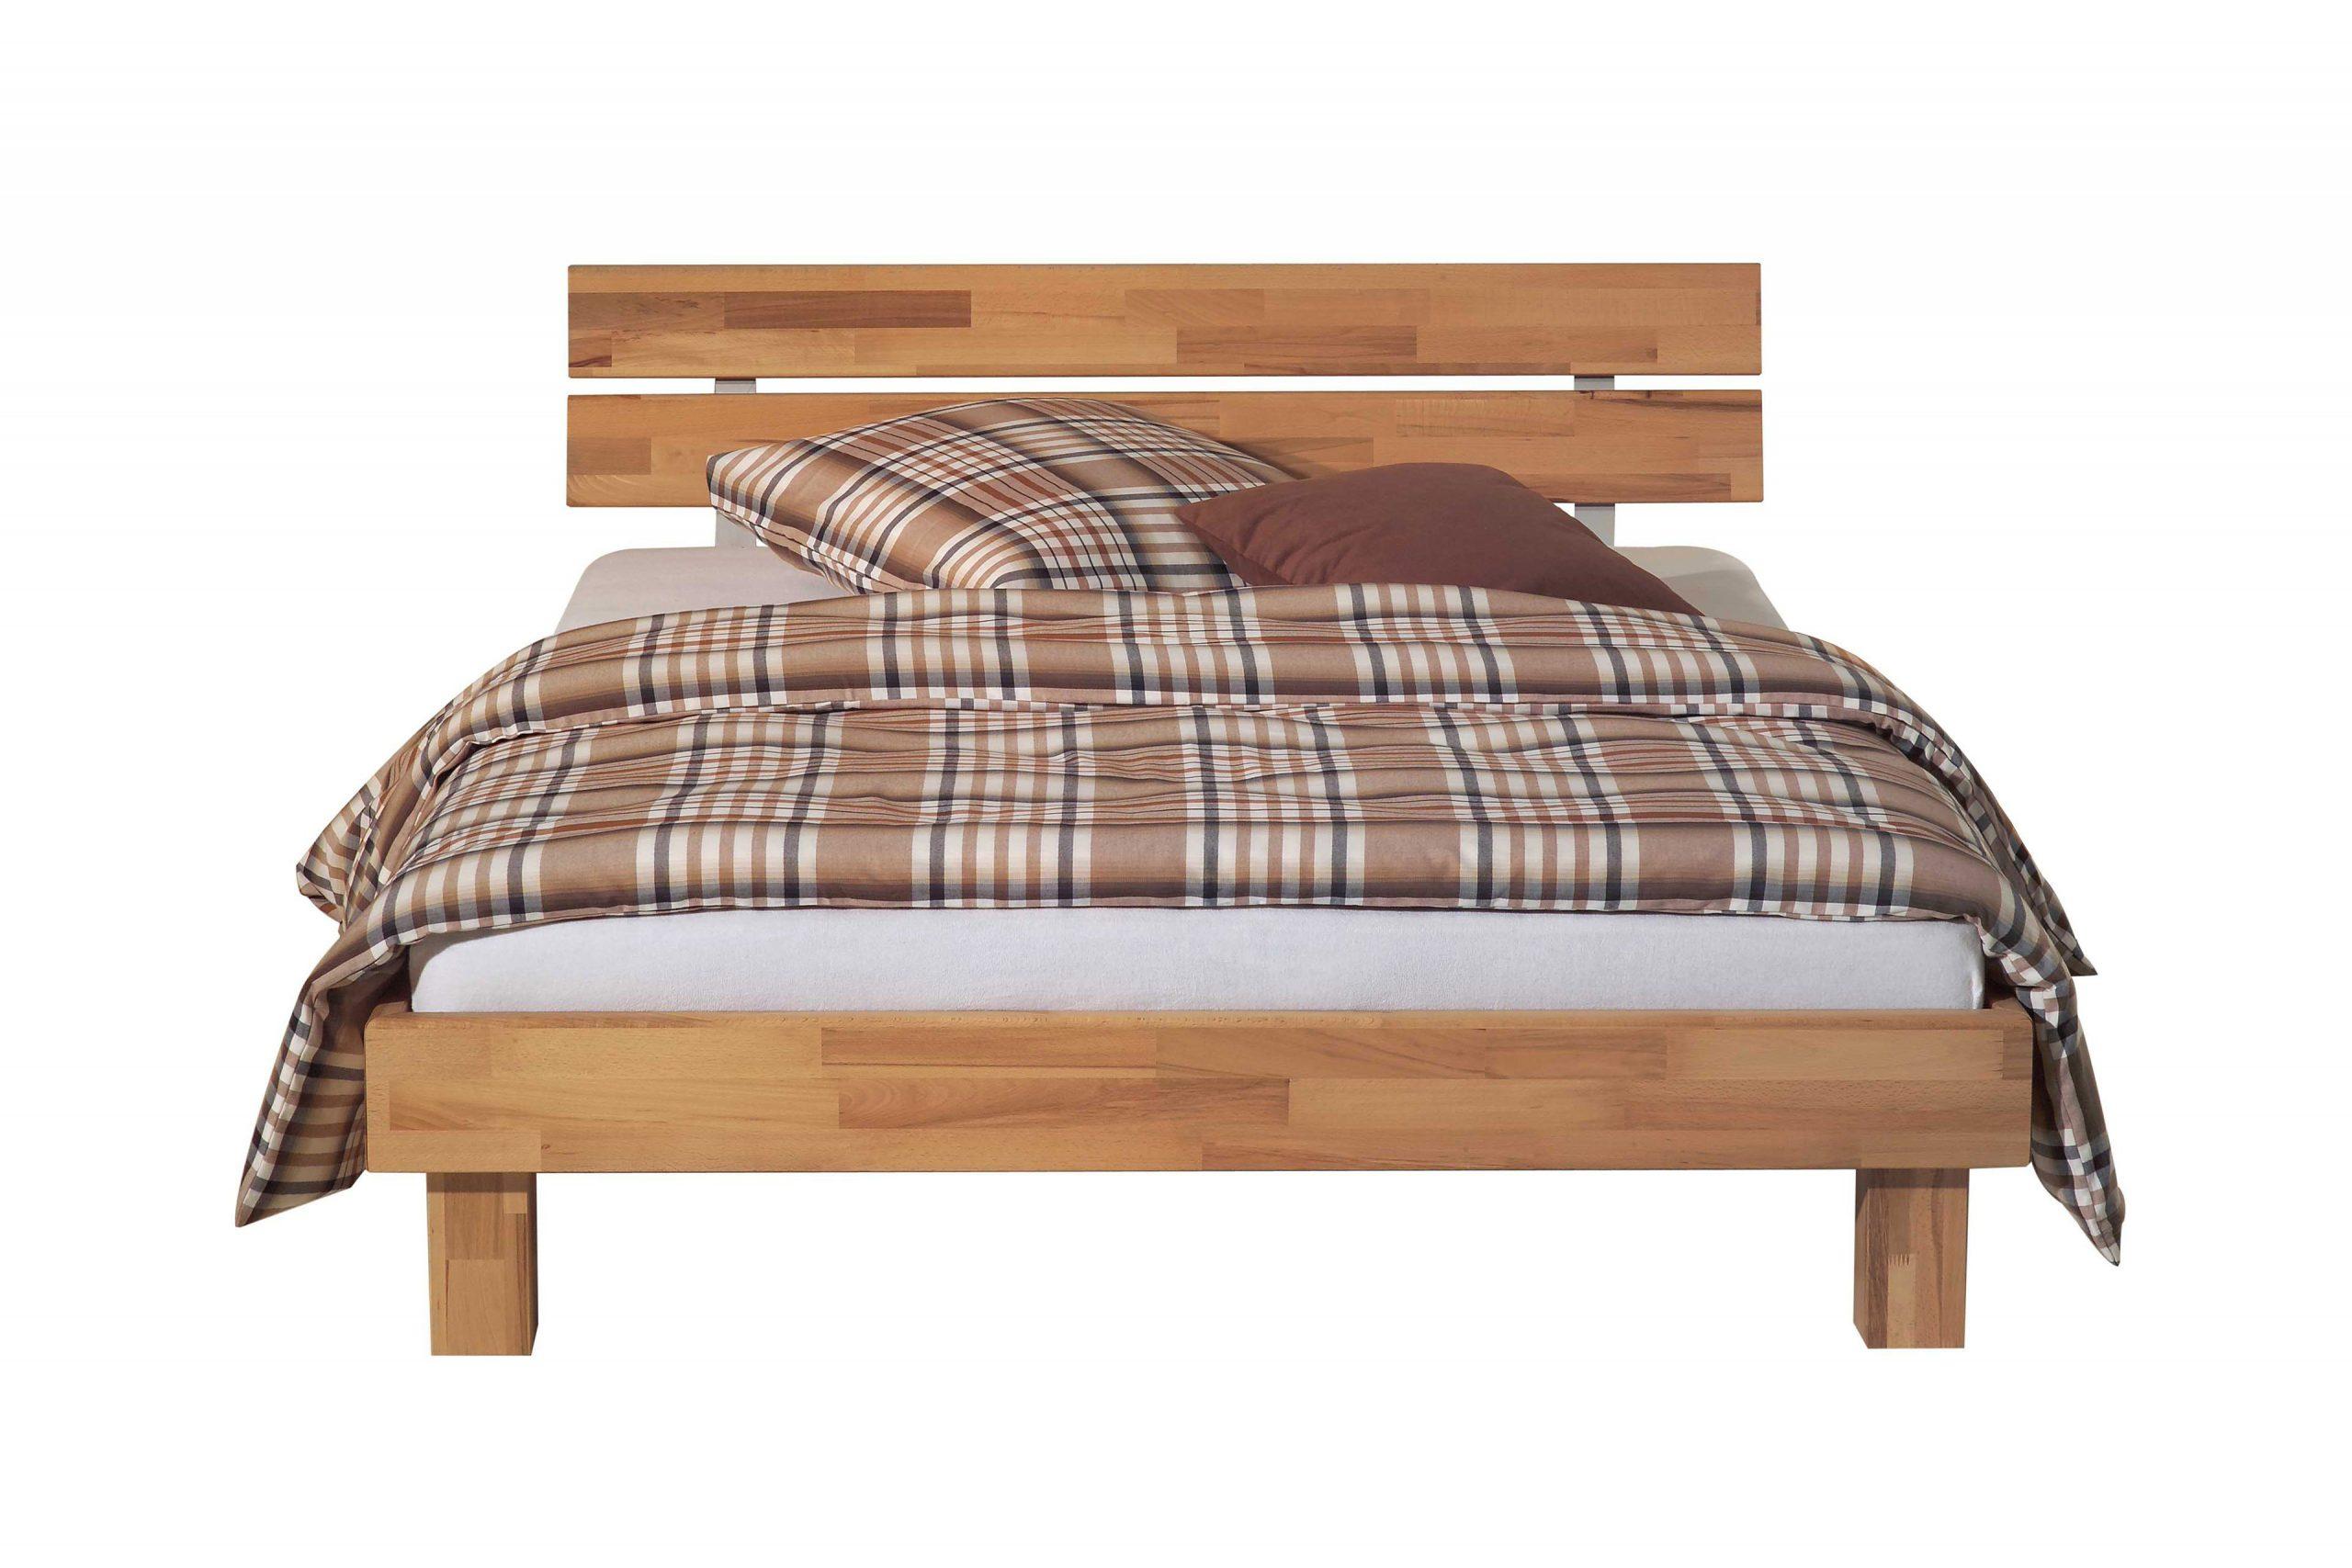 Full Size of Bett 140x220 Holz Varese Von Modular Primolar Kernbuche Mbel Letz Ihr Mit Bettkasten 90x200 Bette Floor Günstige Betten 140x200 Aus Paletten Kaufen 180x200 Bett Bett 140x220